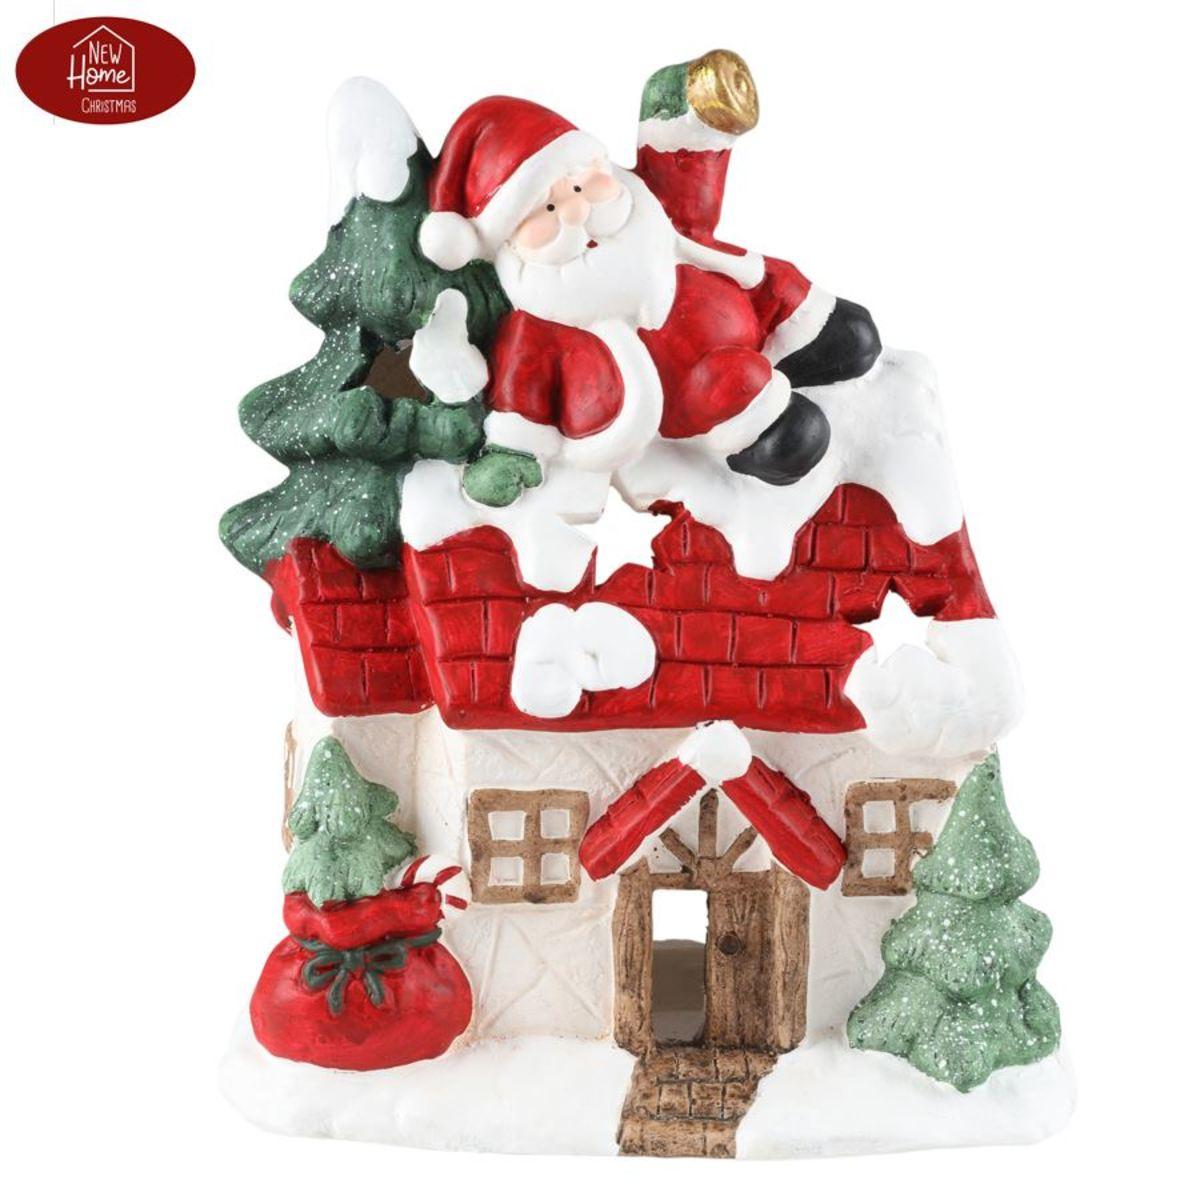 Bild 2 von Magnesium-Deko-Haus 37cm mit Weihnachtsmann